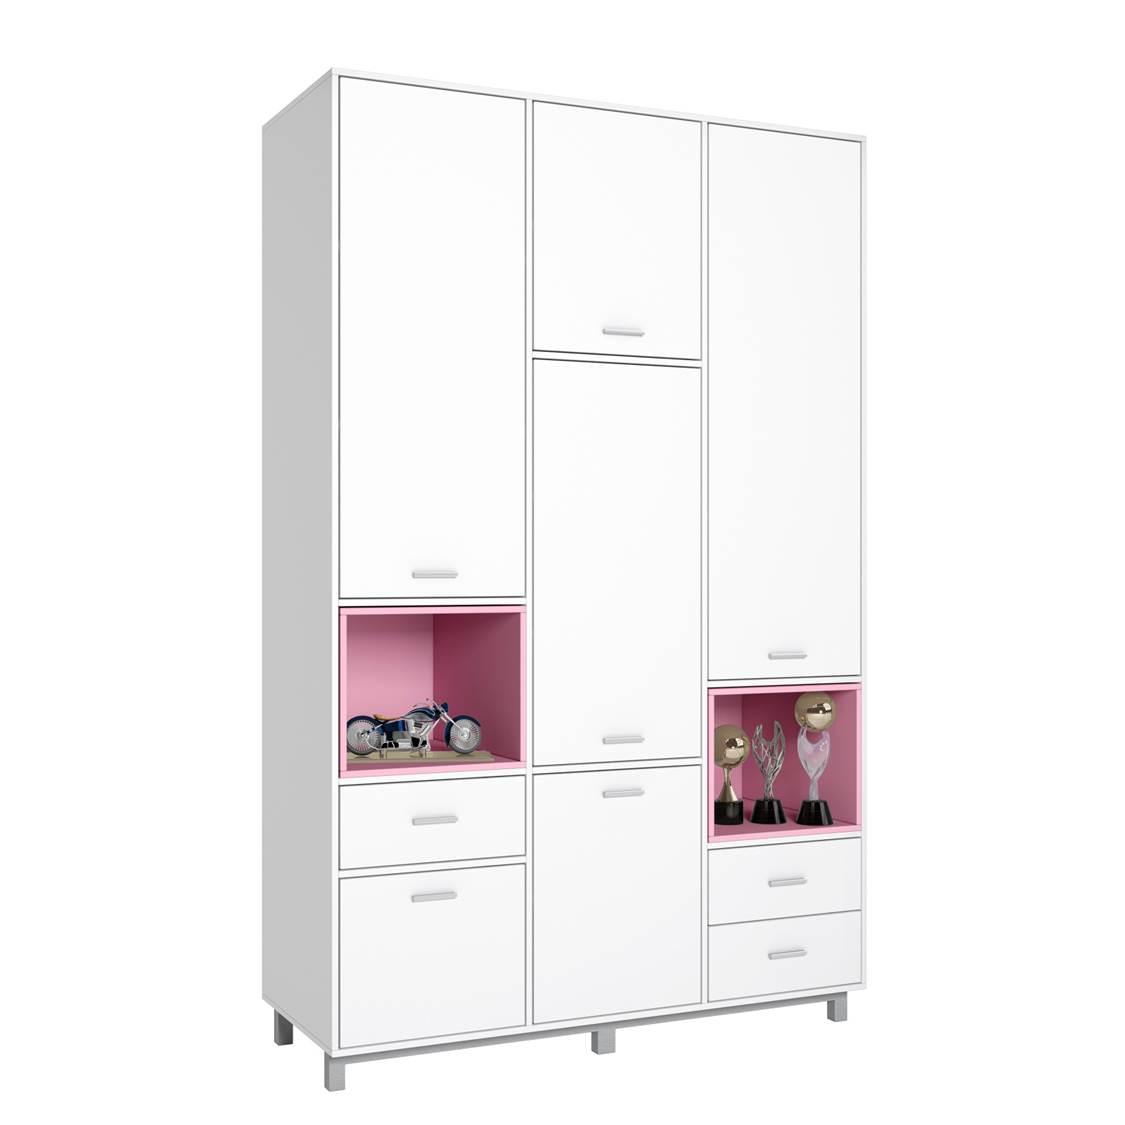 Купить Детский шкаф трехсекционный Polini kids Mirum 2335, белый/розовый, Шкафы в детскую комнату